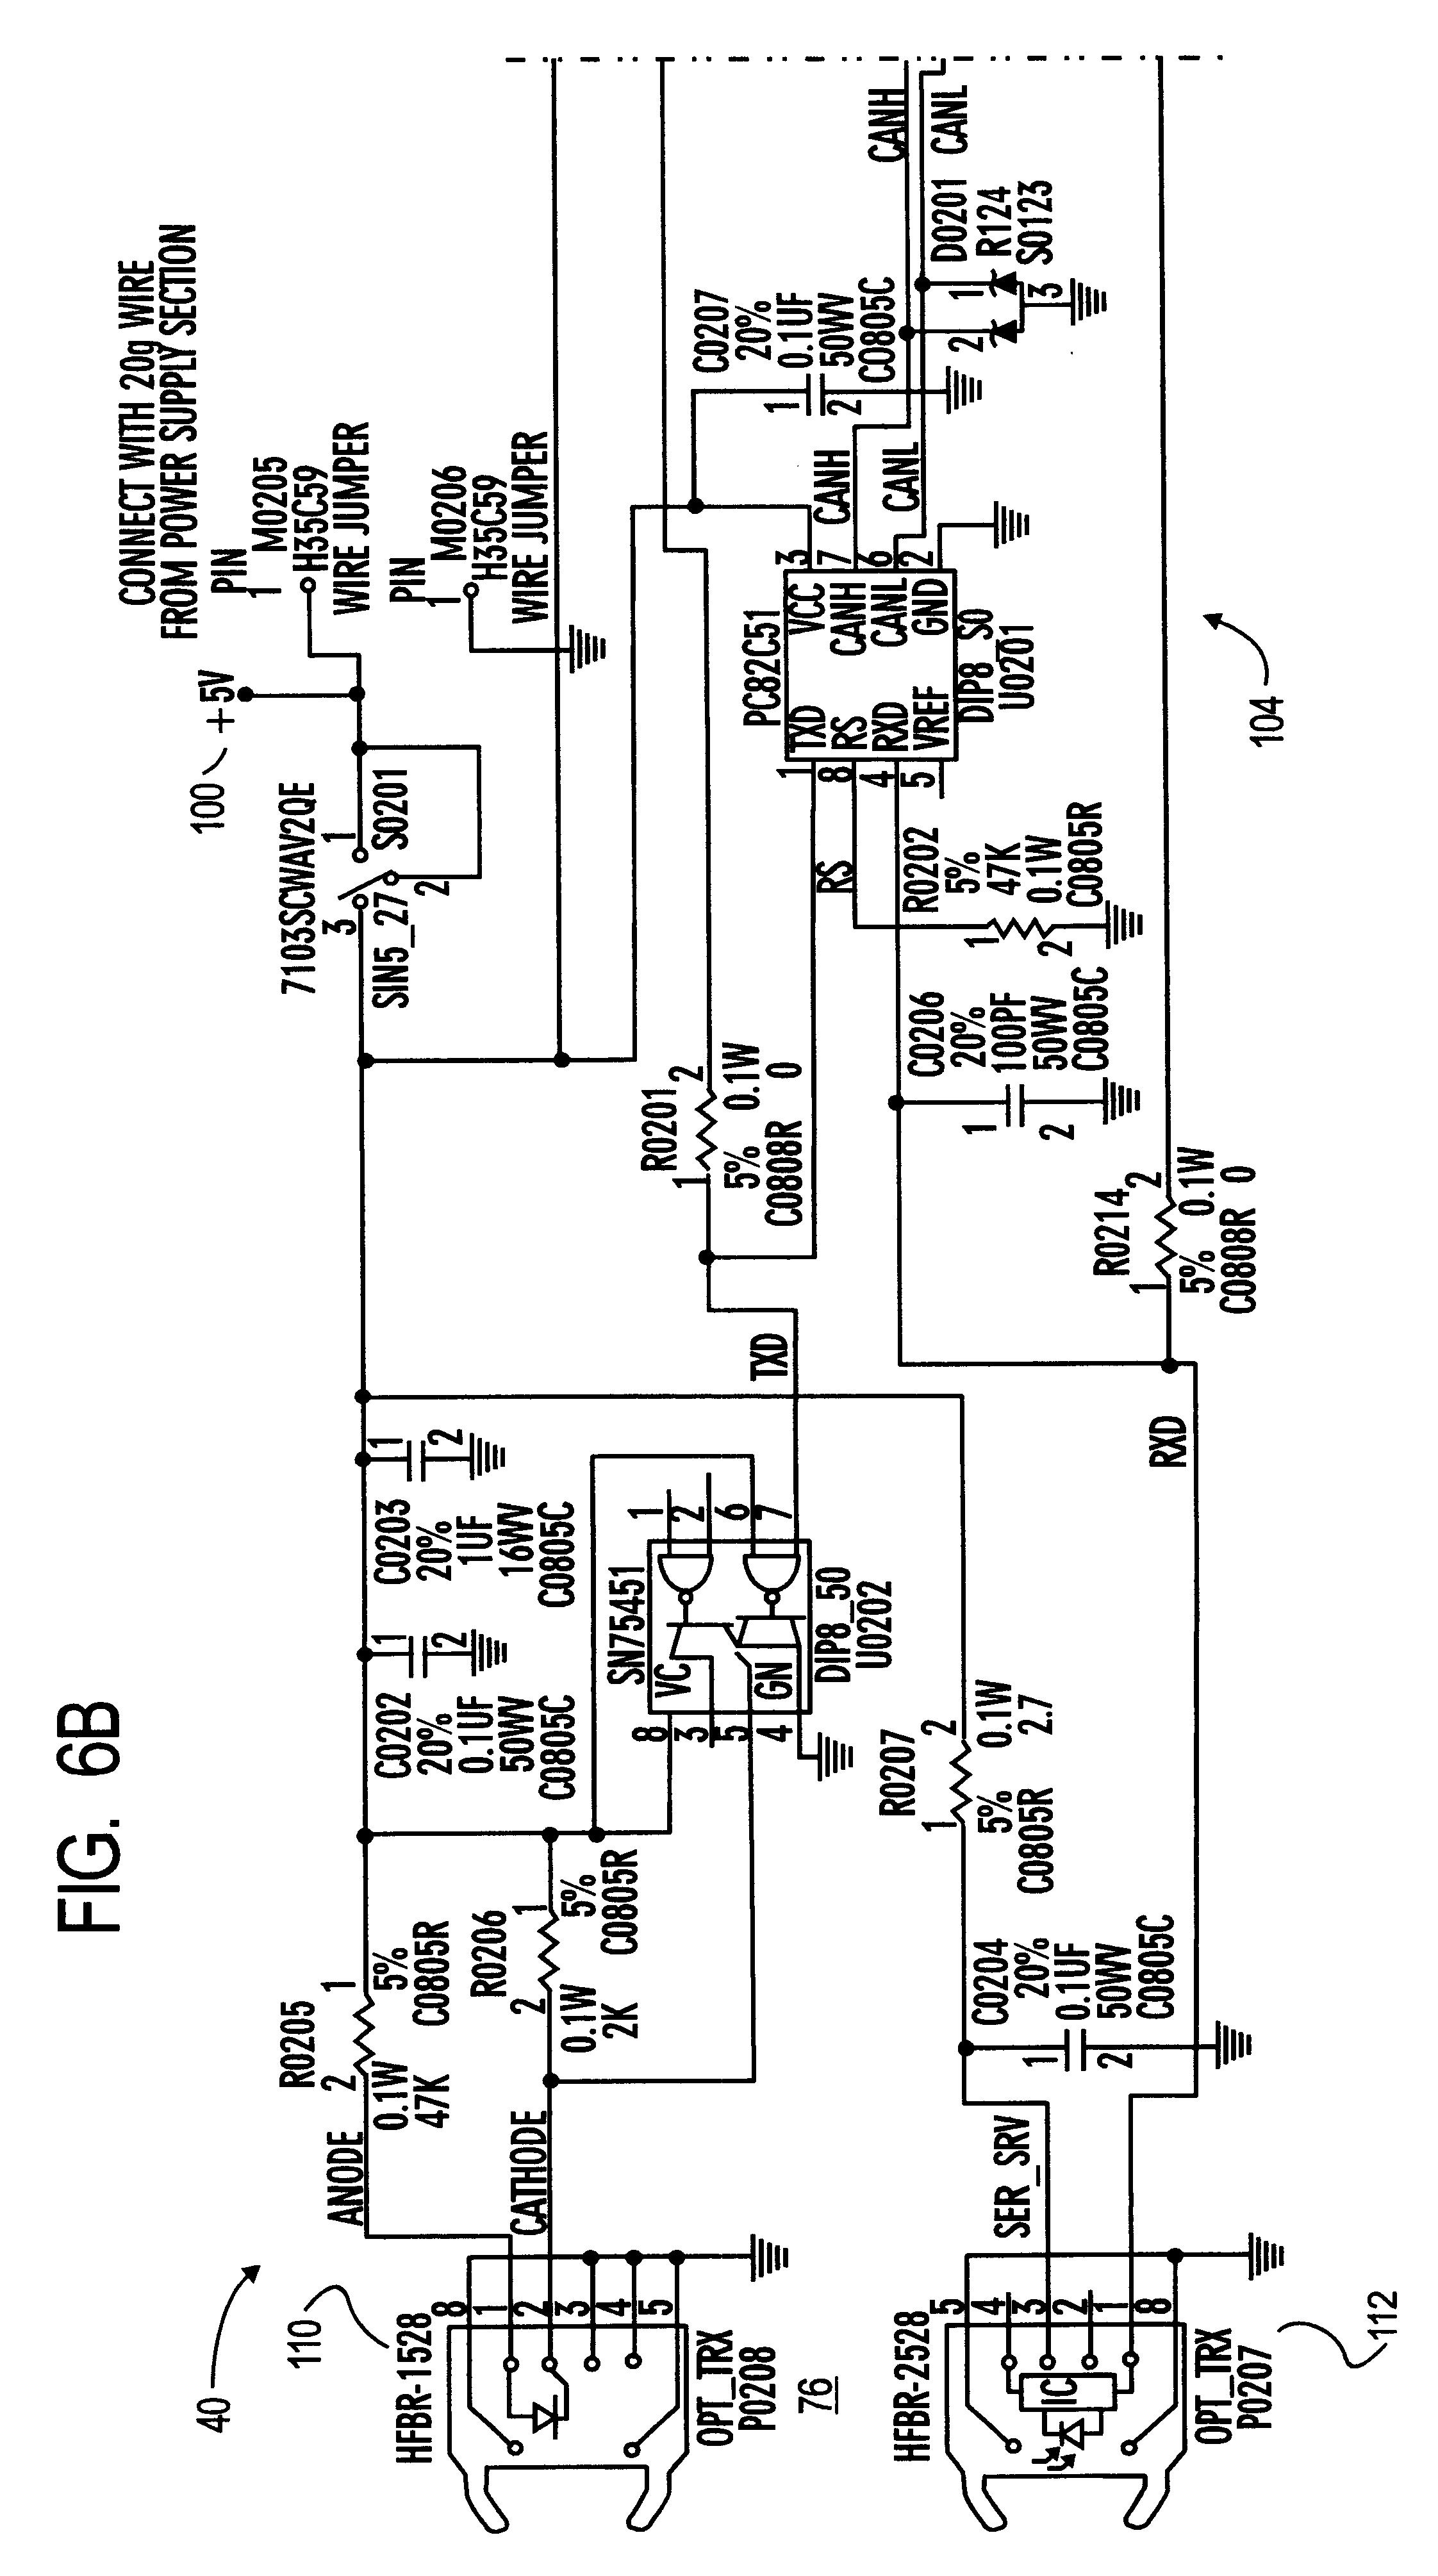 patent us6426813